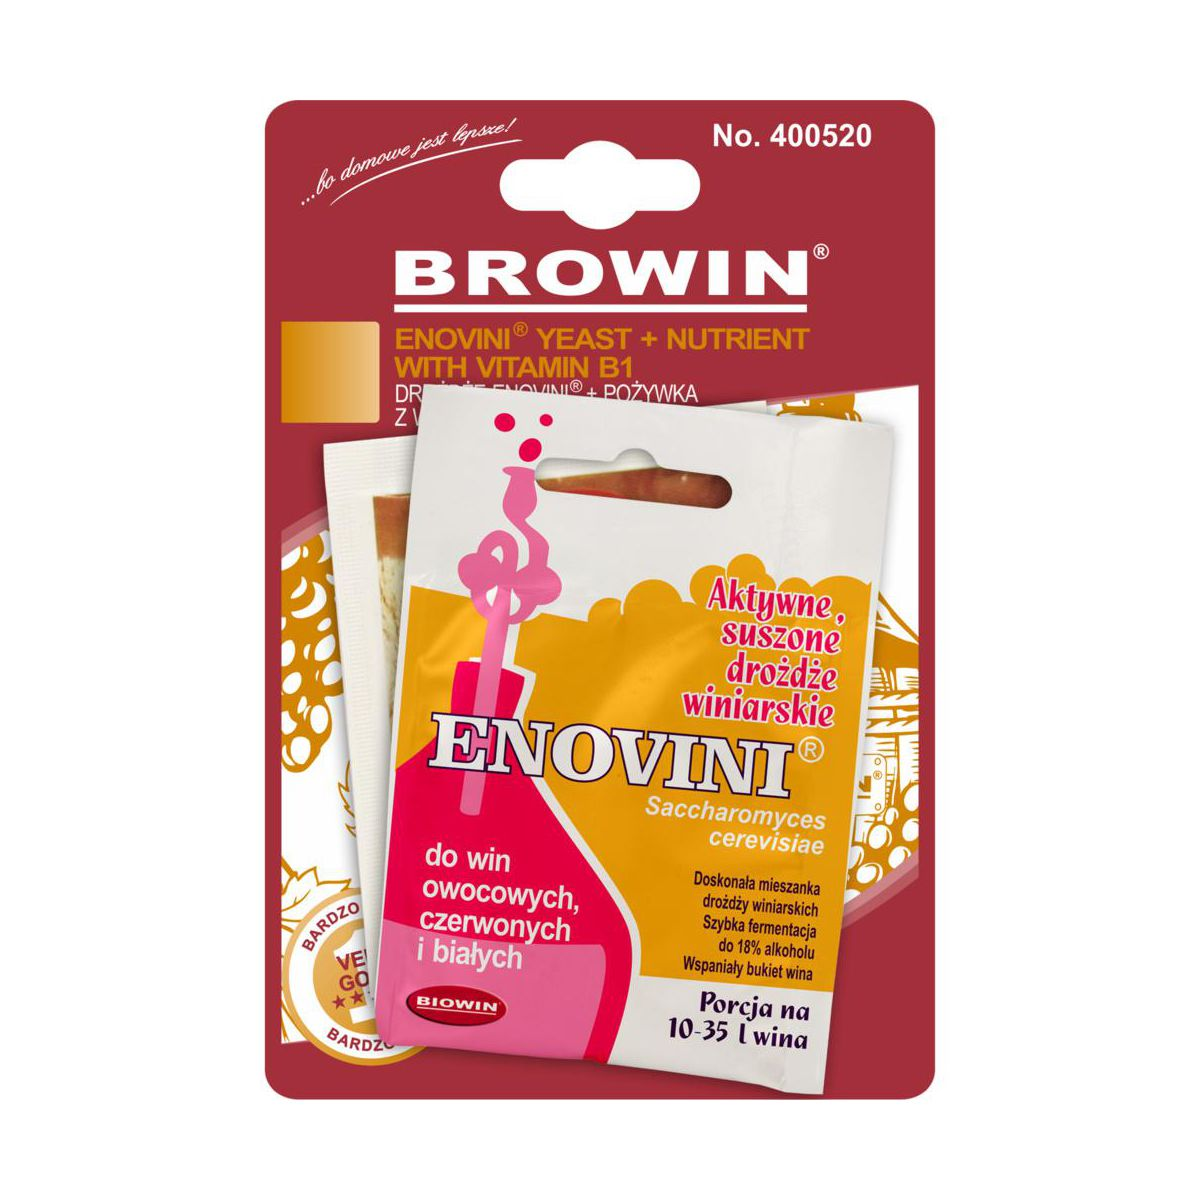 Drożdże z pożywką 17 g ENOVINI 400520 BROWIN